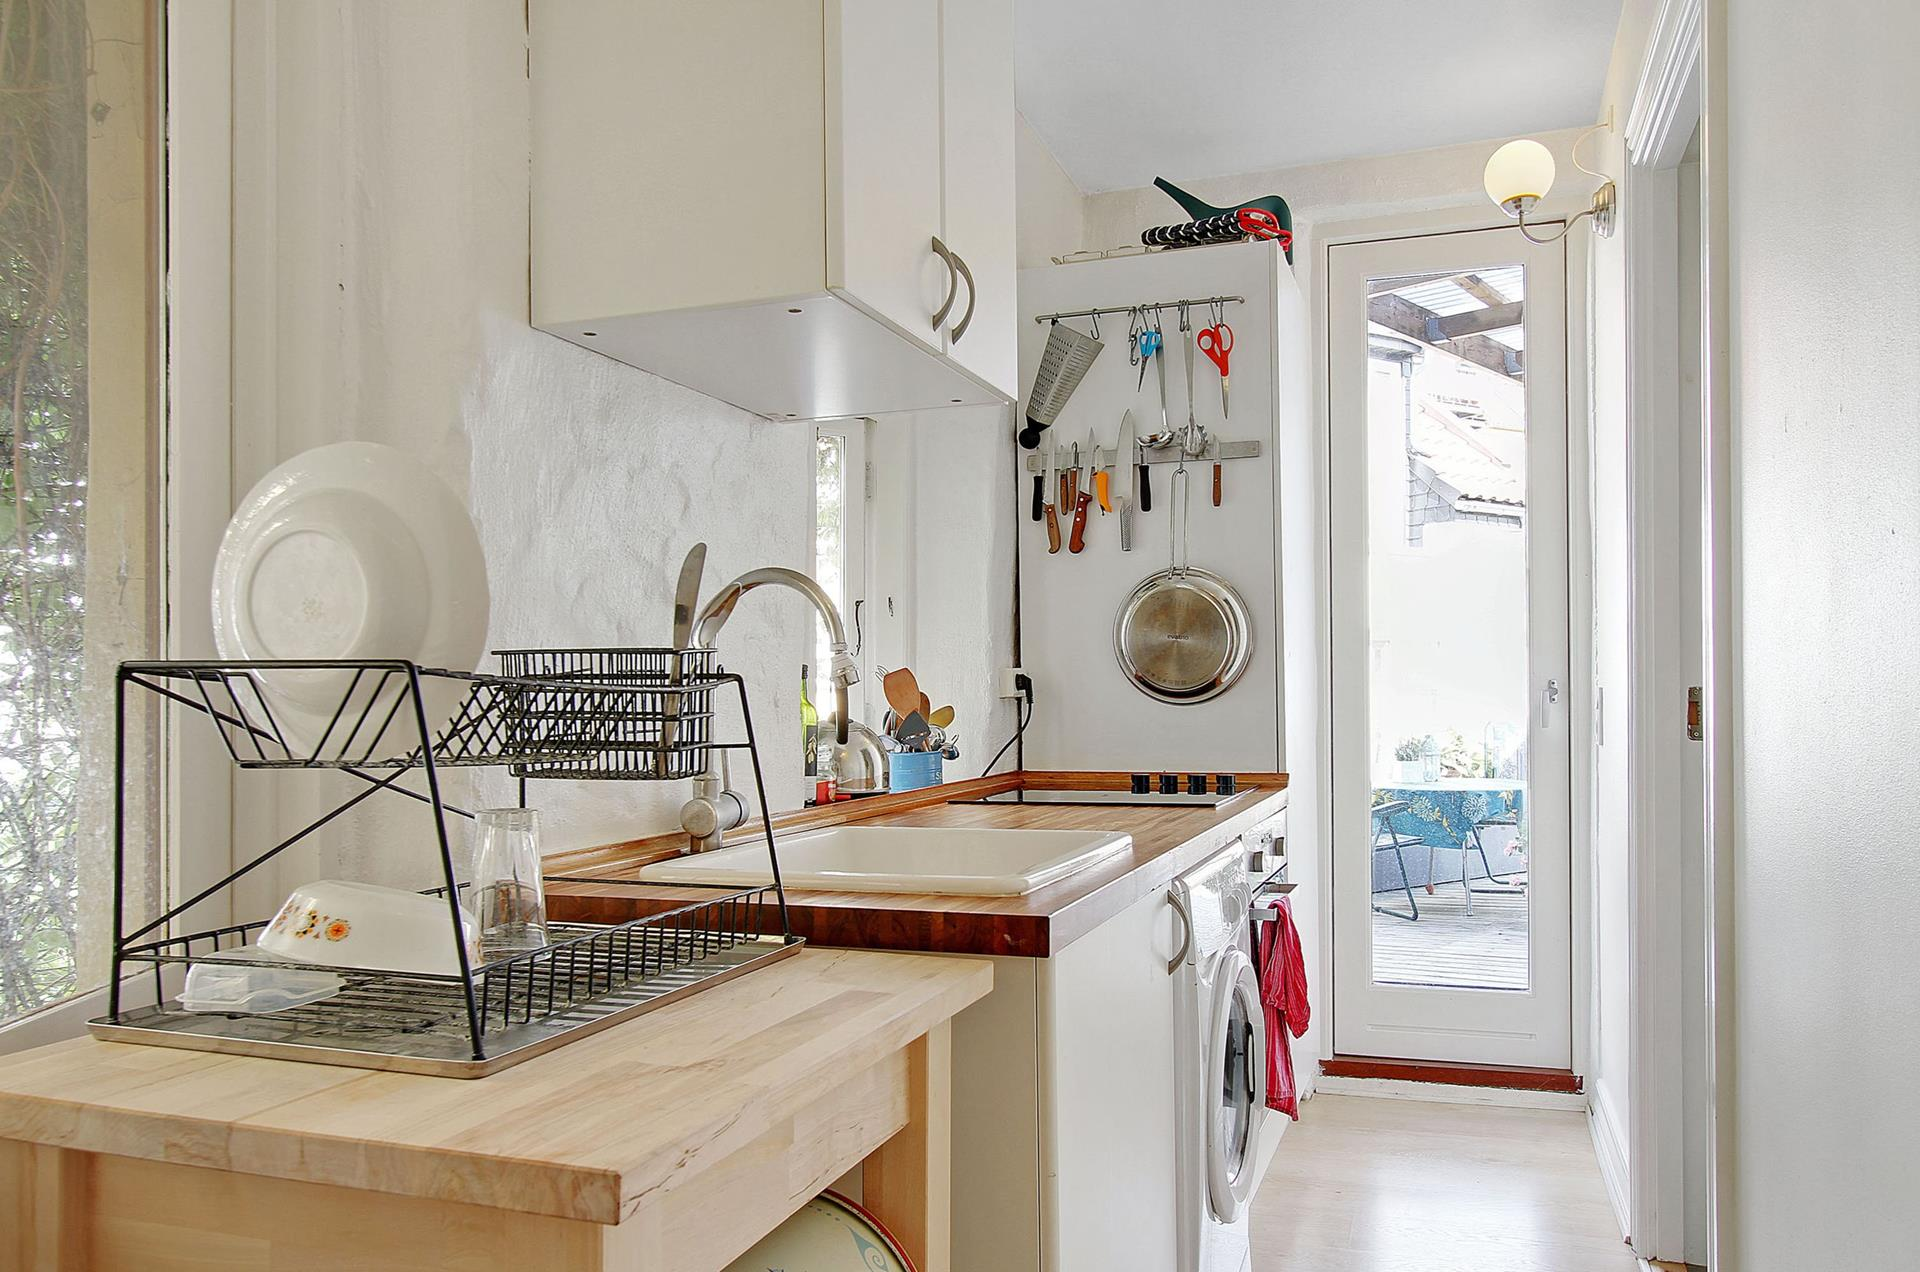 Bolig/erhverv på Jægergårdsgade i Aarhus C - Køkken